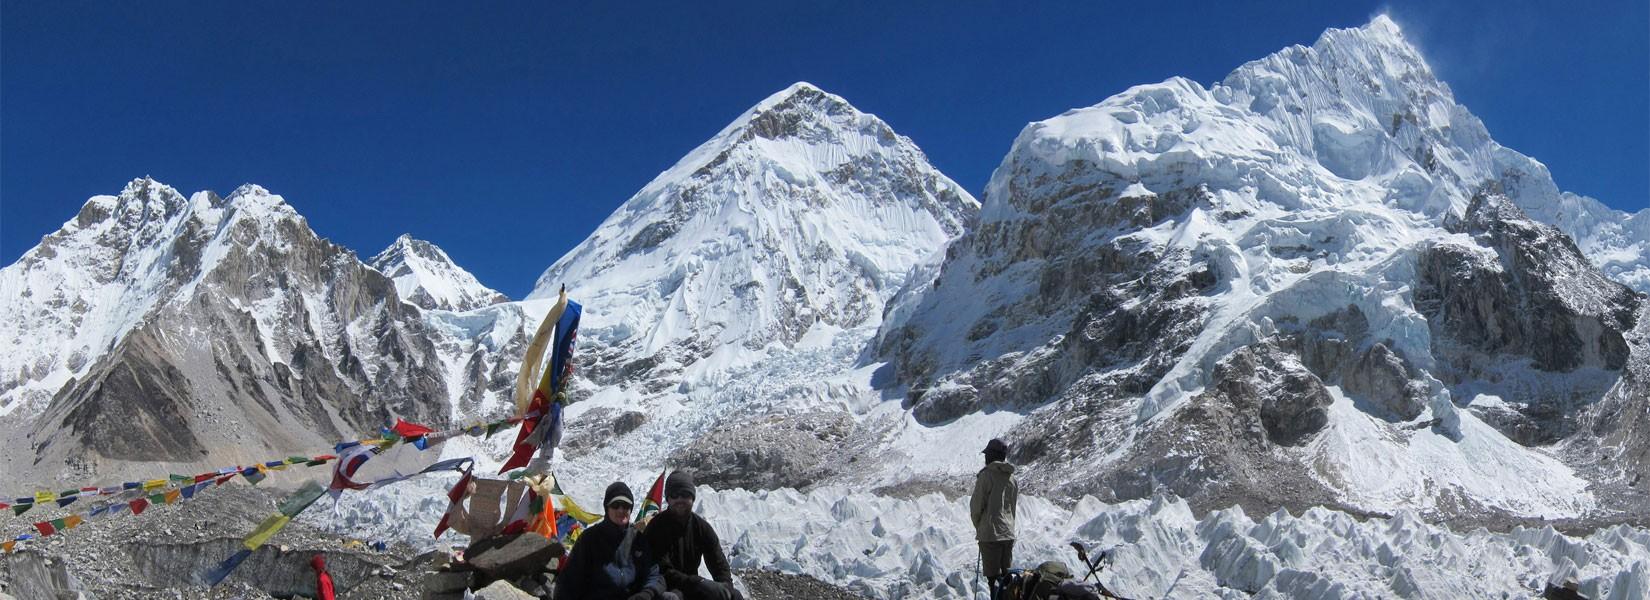 Everest Region Trekking